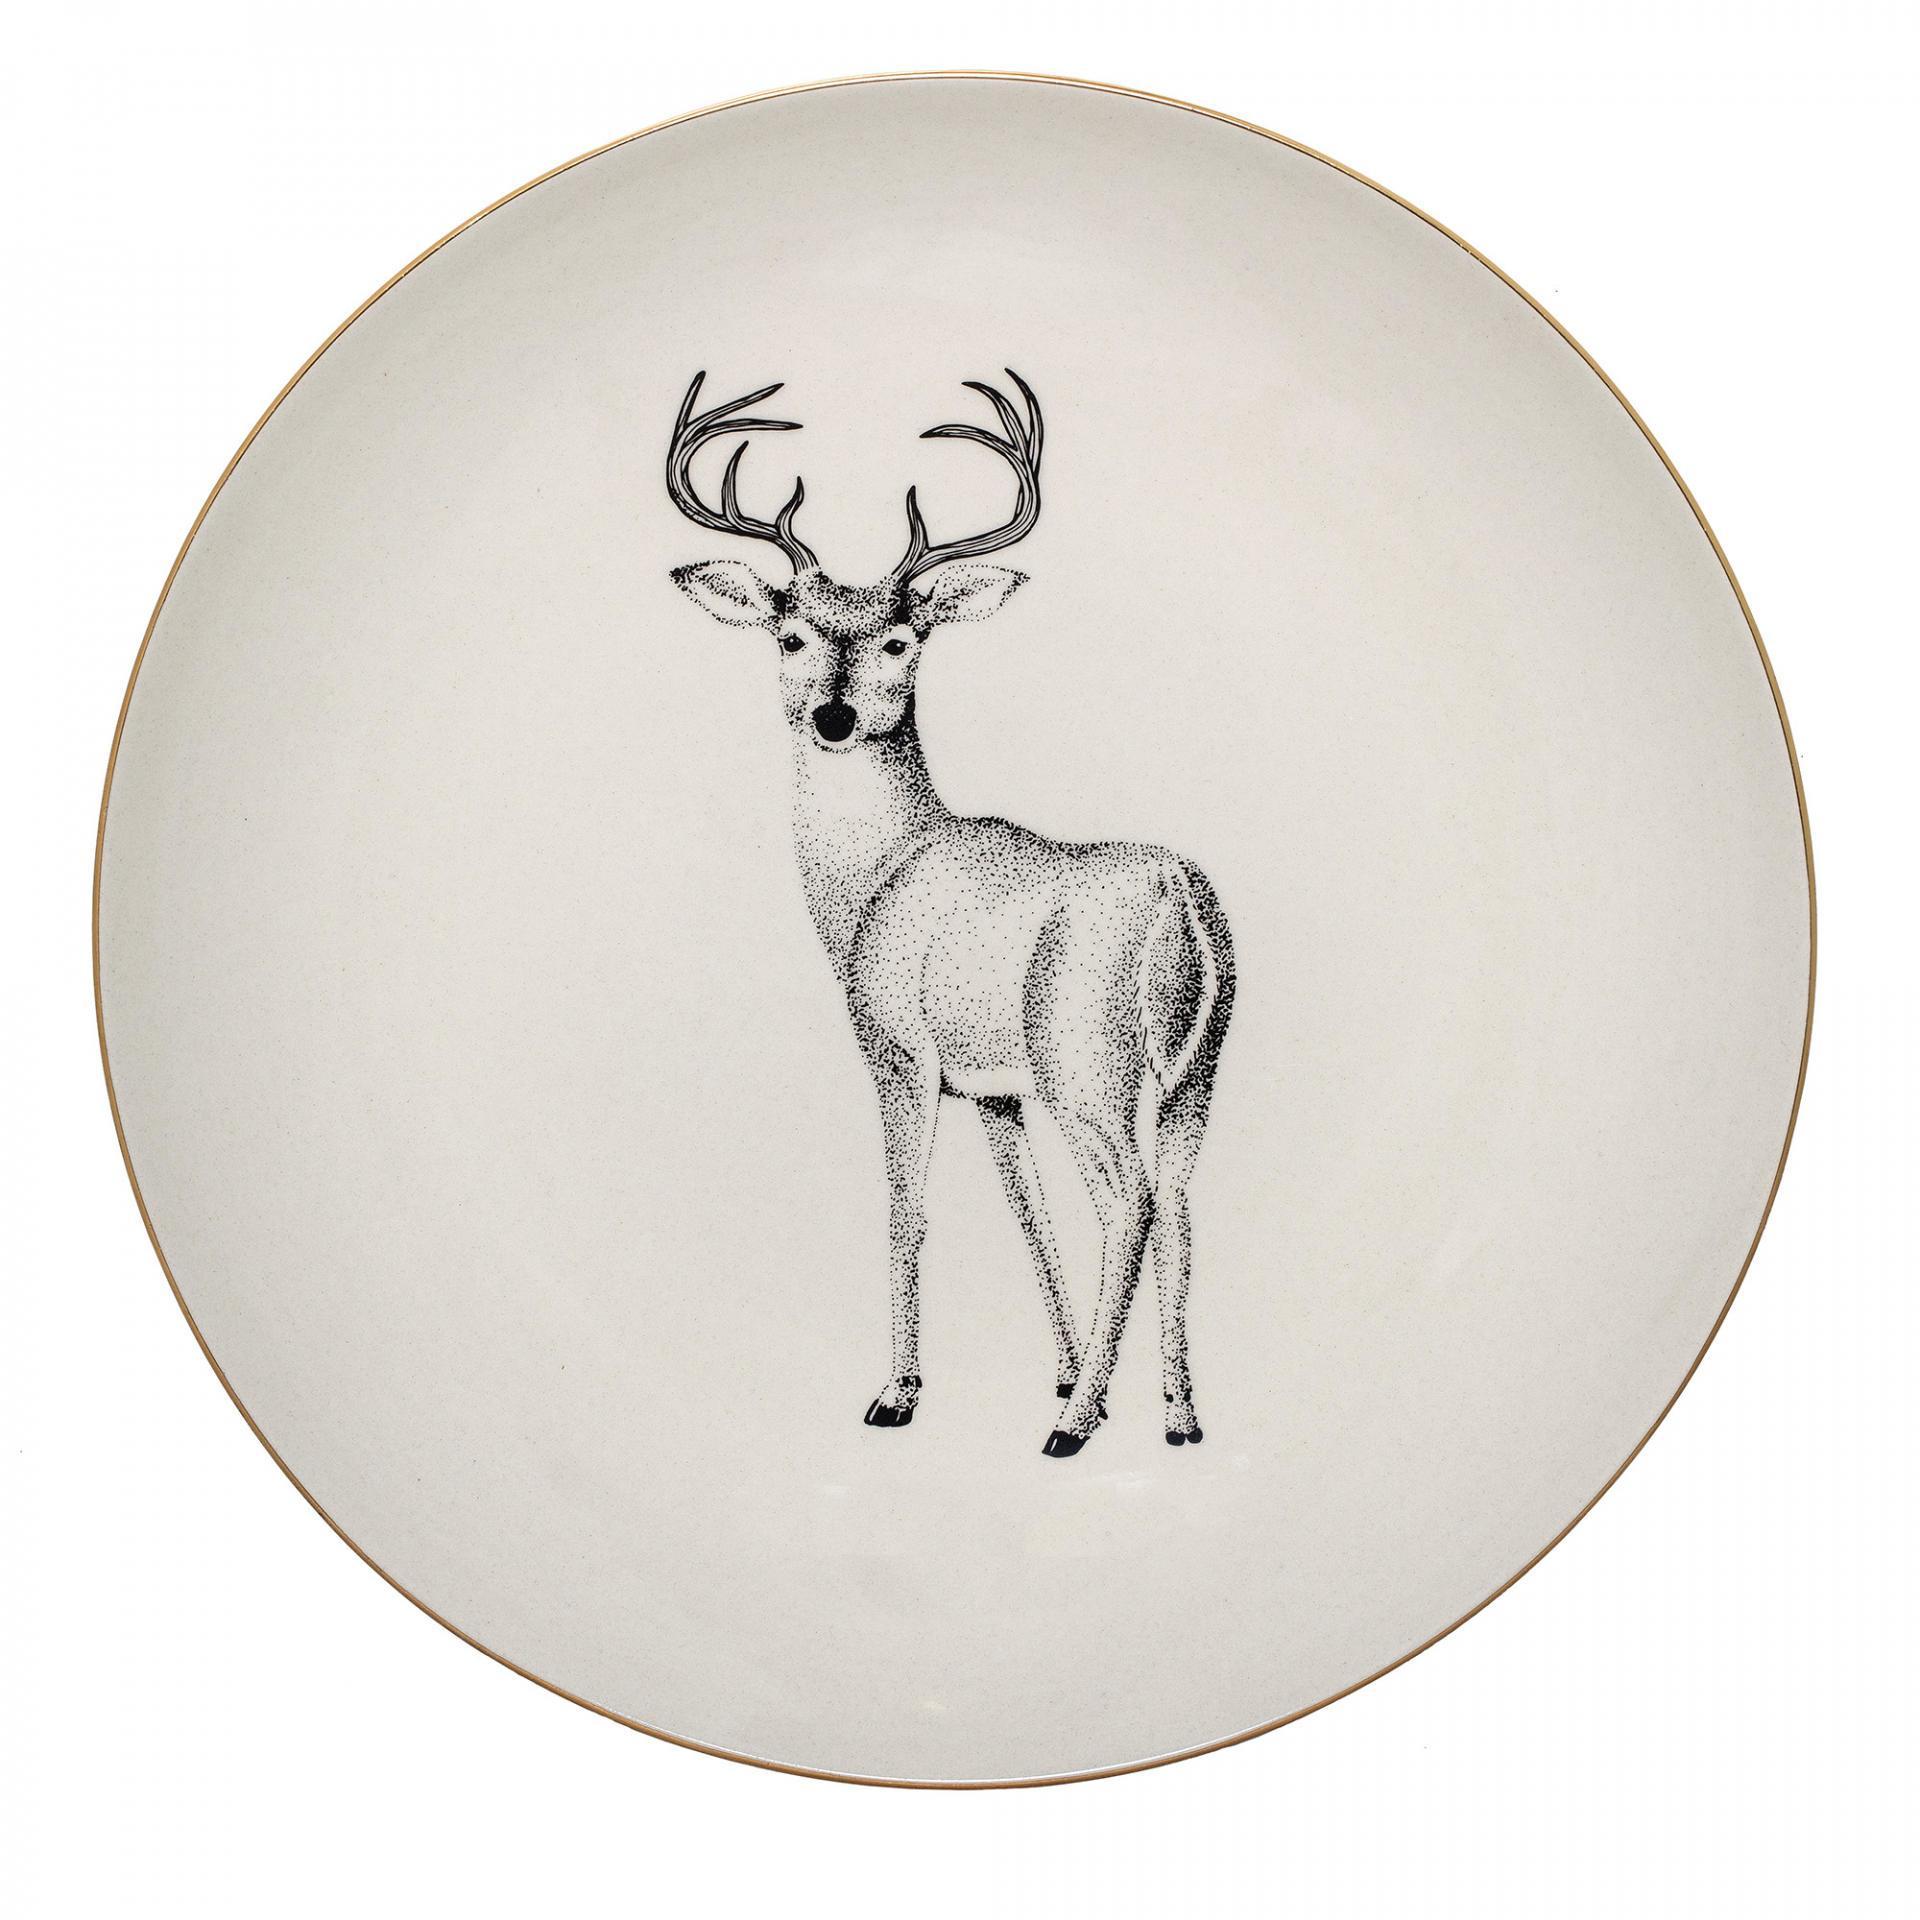 Bloomingville Keramický talíř Noel 25 cm, zlatá barva, krémová barva, keramika